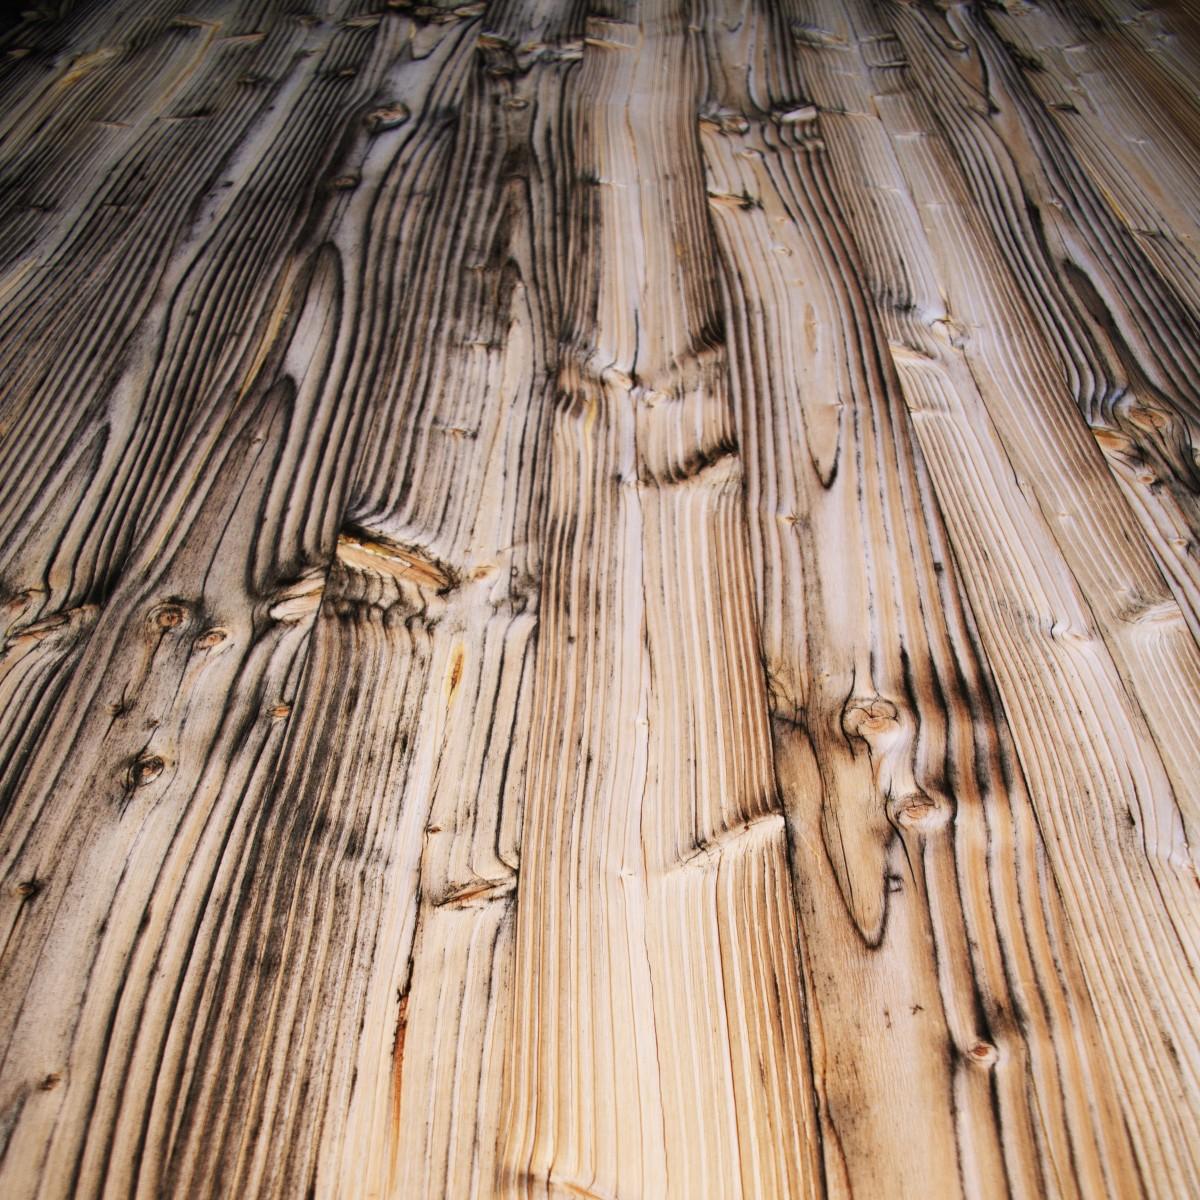 arbre, branche, planche, bois, sol, planche, sol, tronc, maison, ligne, marron, noir, jaune, agriculture, sapin, en bonne santé, Bois d'oeuvre, Matériel, Eco, parquet, Charpentier, luxe, épicéa, Bois dur, planches, enfer, parquet, coûteux, bambou, hêtre, bien-être, Bio, Tiefensch rfe, Mur en bois, flou, planche de bois, sol, Matériaux de construction, Écologiquement, materiel de construction, menuiserie, parquet, Raboté, Schreiner, Commerce du bois, quincaillerie, Famille d'herbe, Planches de plancher, Schadstofffrei, Dunkell, Parquet de plancher pour navires, Fond du navire, Branches noires, Sans nœuds, Terrain de luxe, Meubles en bois, Segewerk